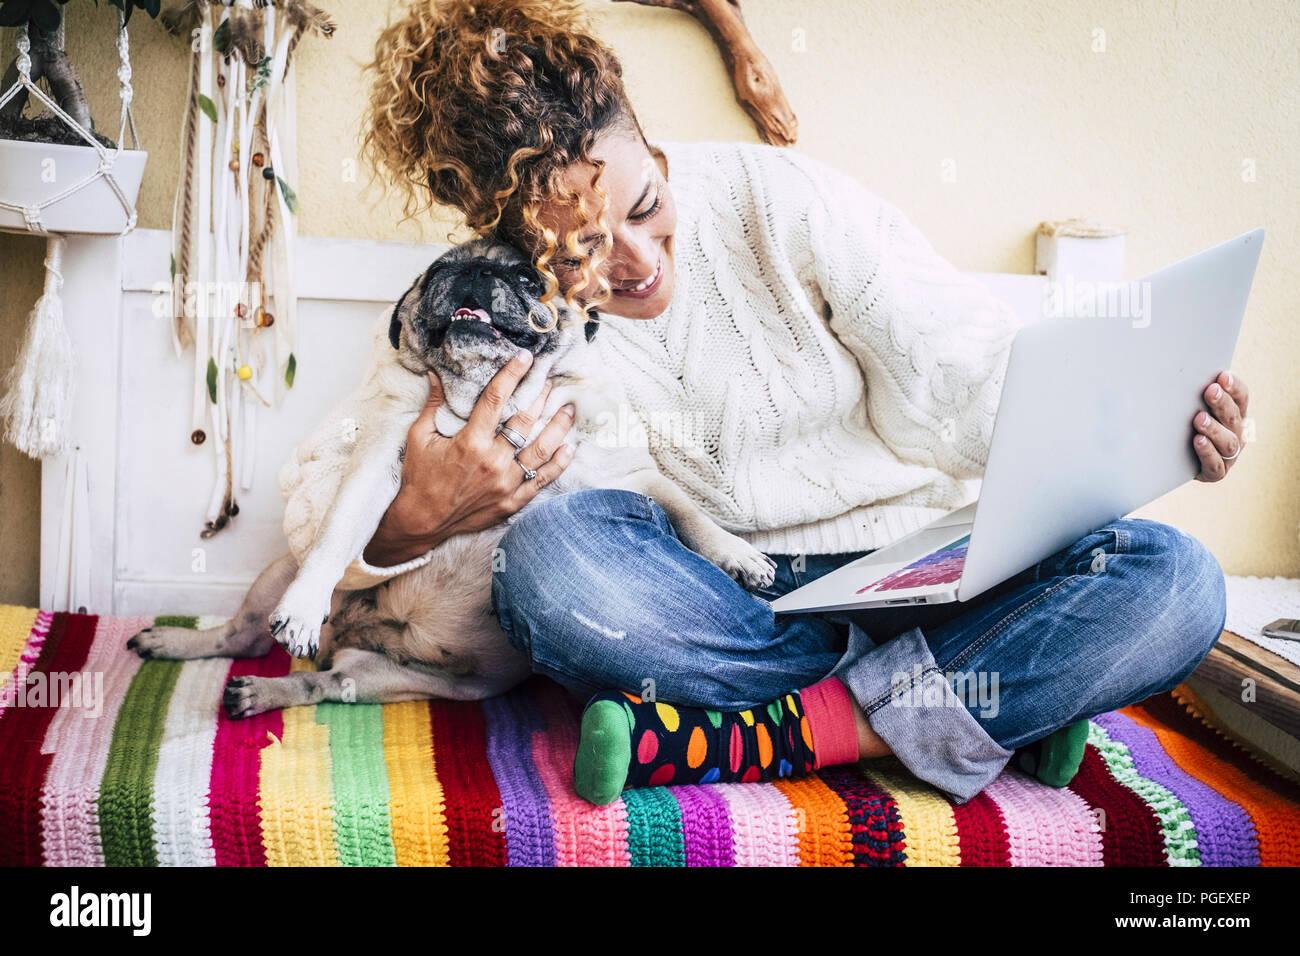 Echten besten Freunden fröhliche Frau mit Laptop arbeiten auf der Terrasse zu Hause, während Hug Ihre beste Liebe und Freunde smiling dog pug zu seiner Linken sitzen. co Stockbild